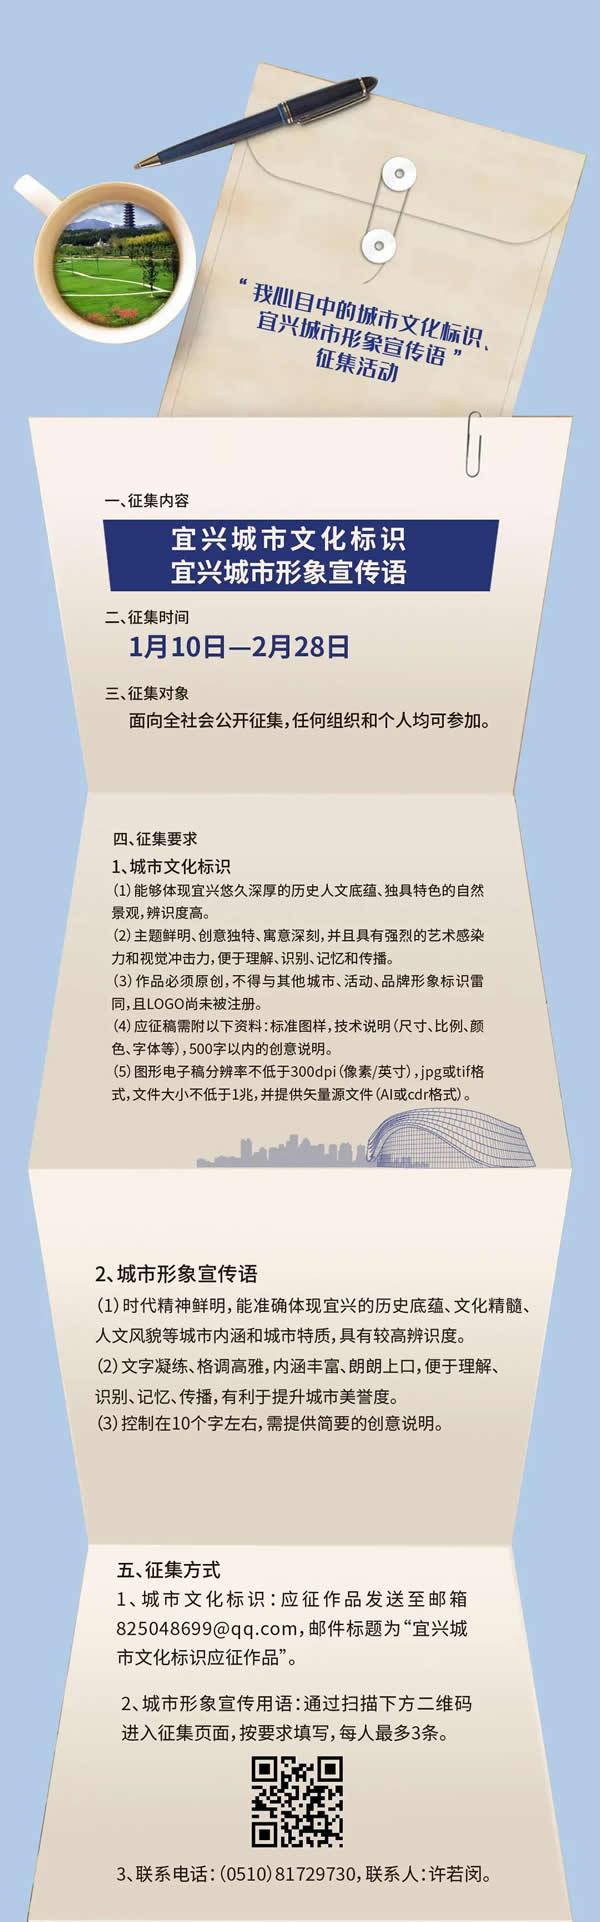 5万元 宜兴征集城市形象文化<a href=http://www.ccdol.com/sheji/biaozhi/ target=_blank class=infotextkey>标识</a>、广告词